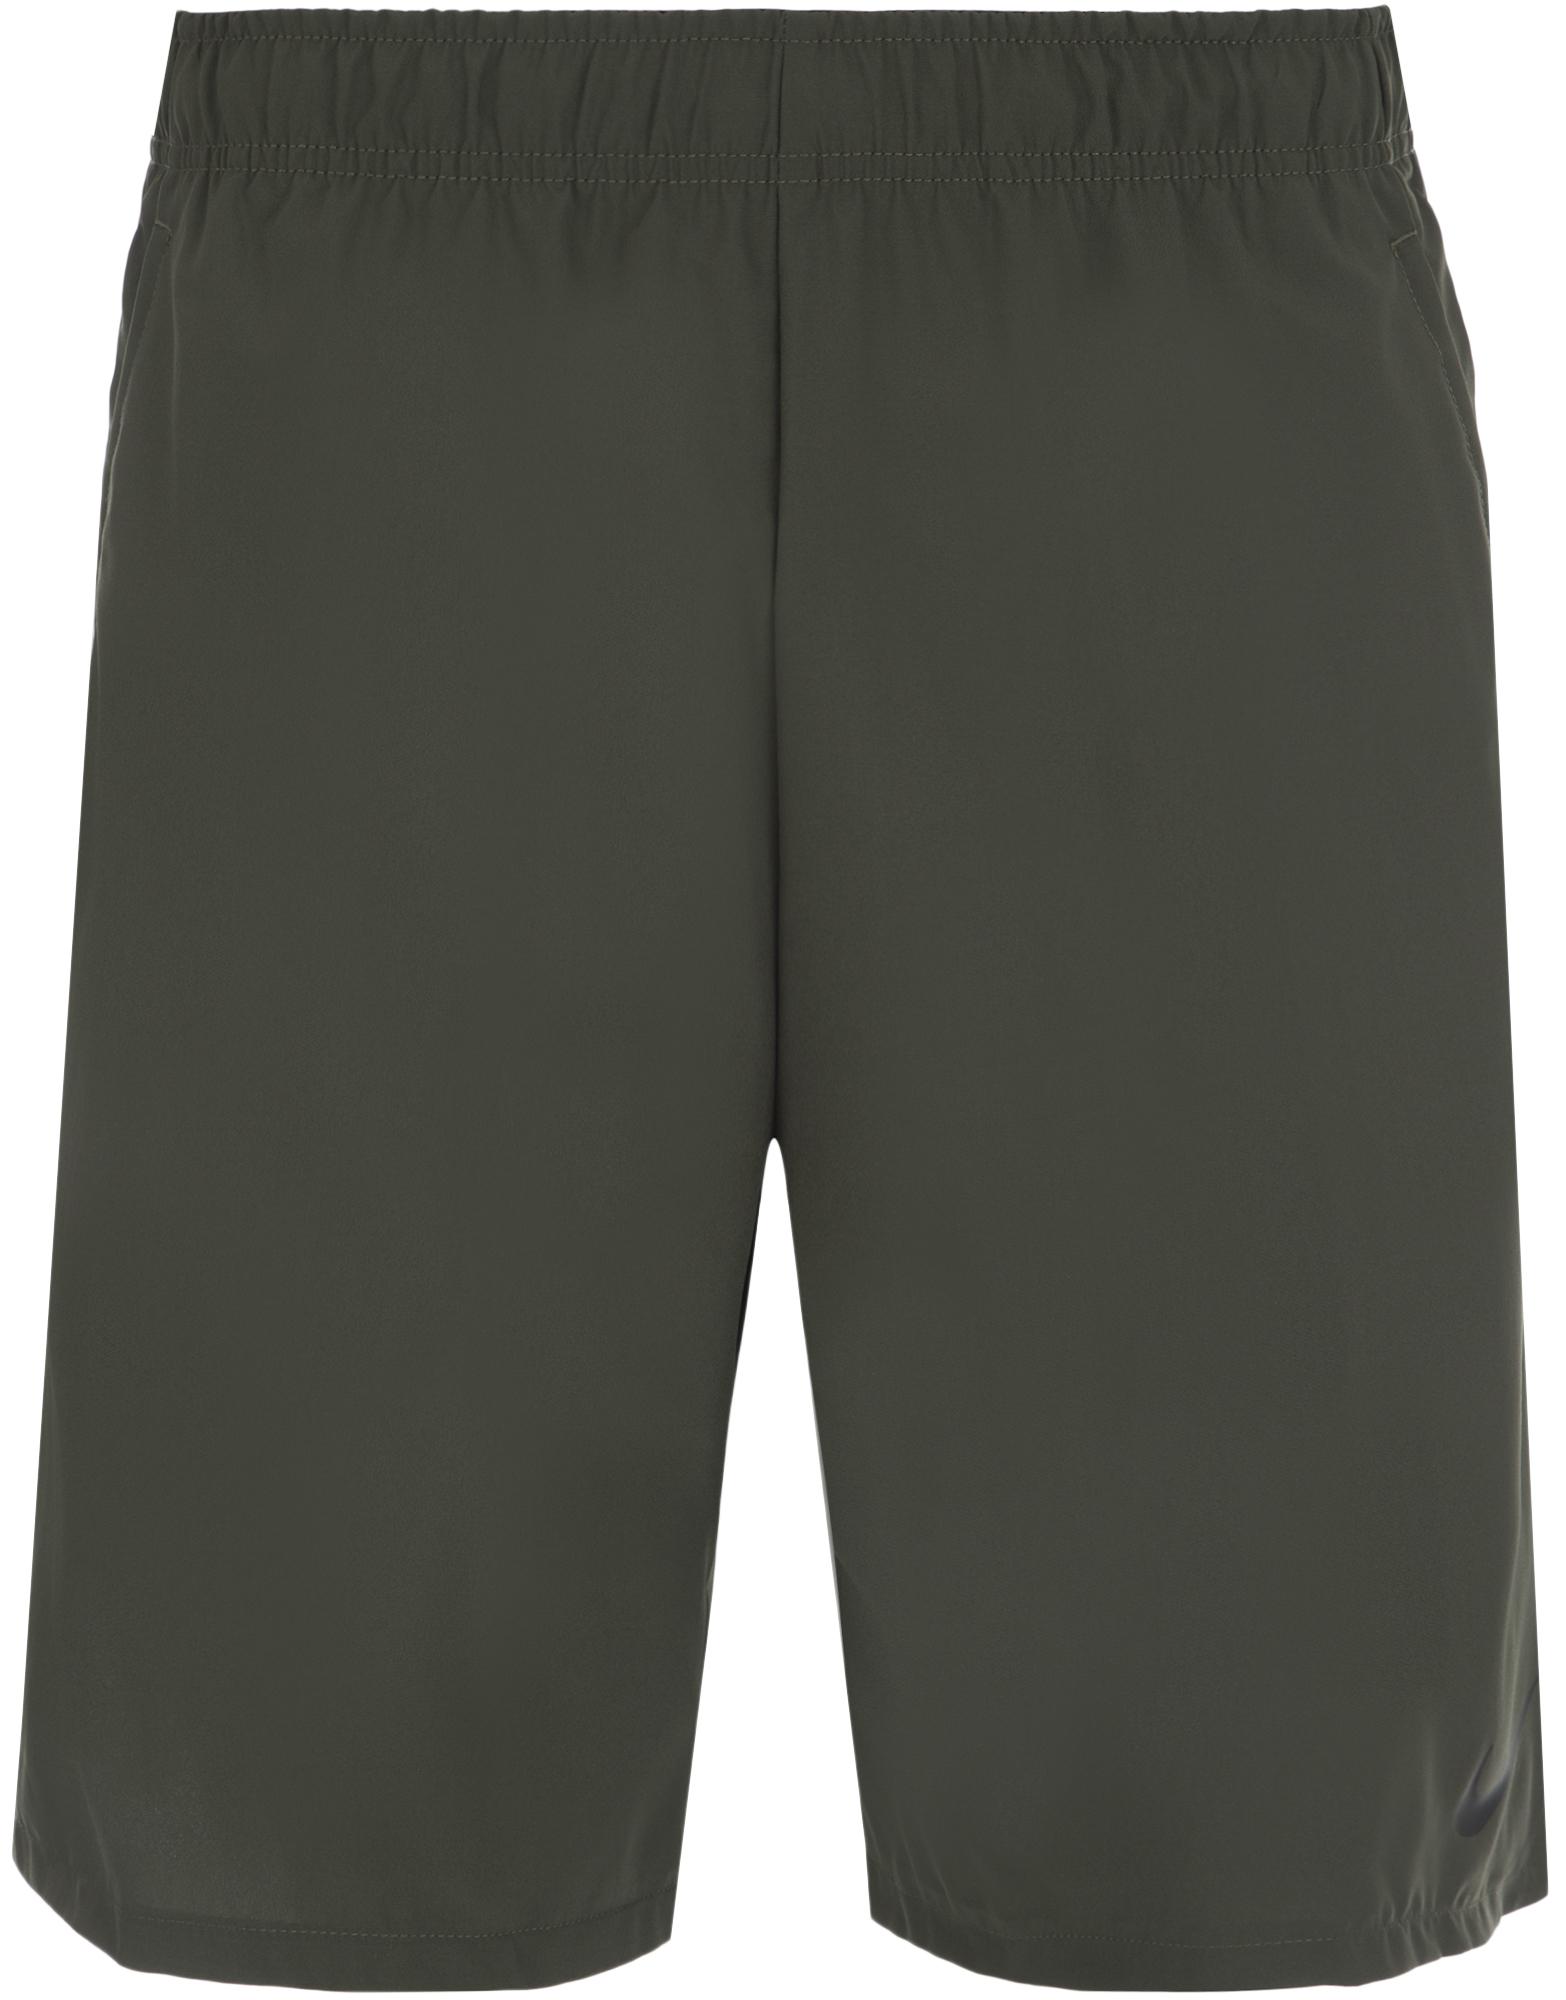 Nike Шорты мужские Nike Flex, размер 54-56 одежда для занятий баскетболом nike 005027 11 diy